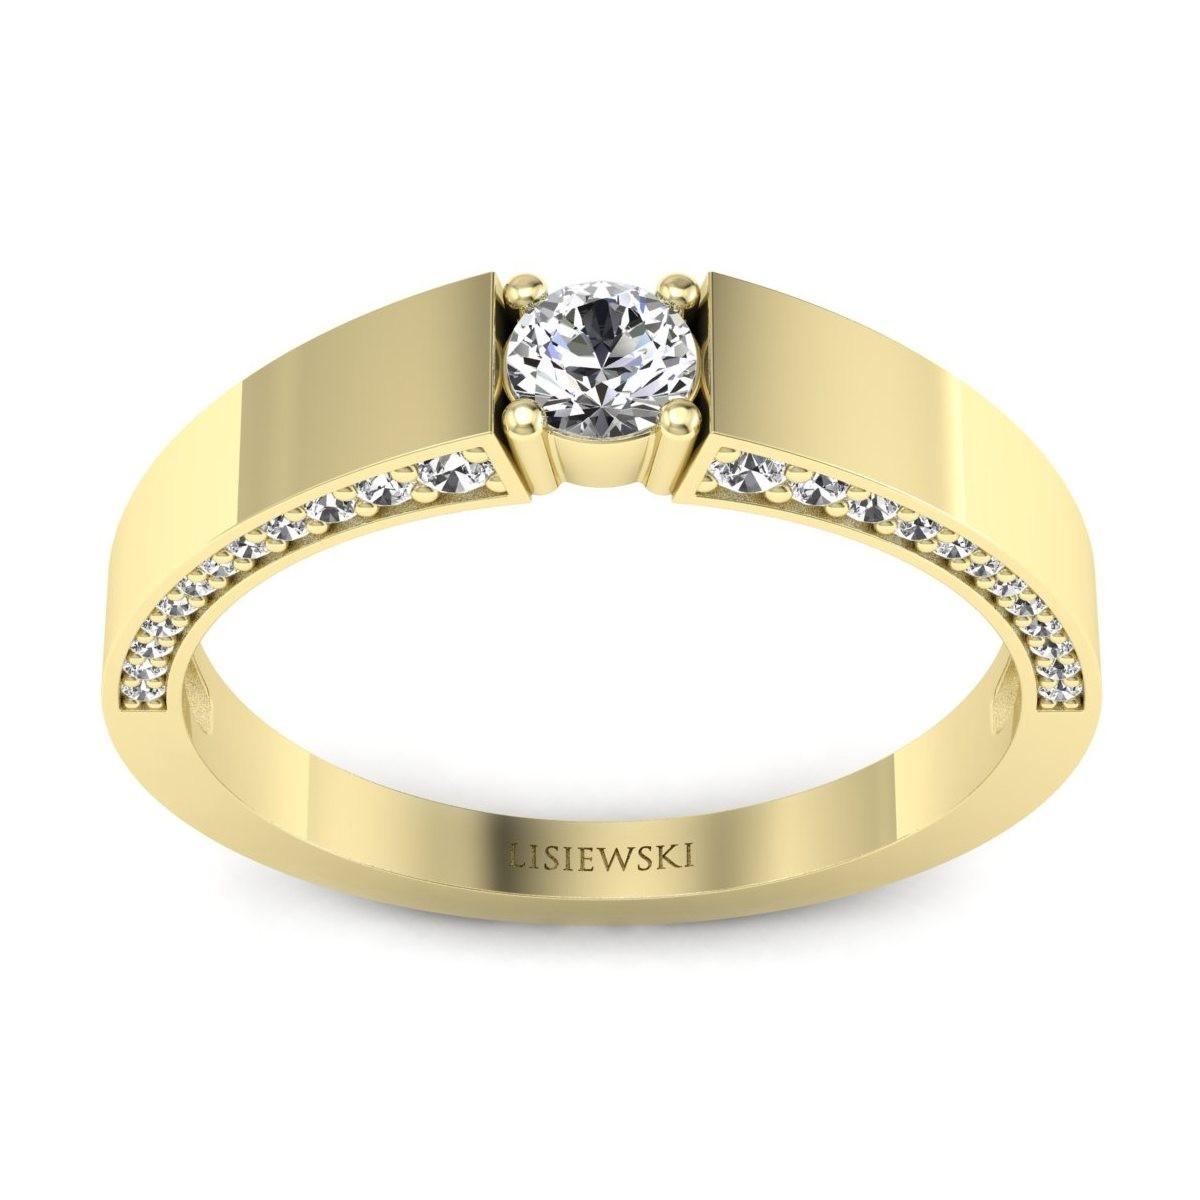 Verona - Pierścionek złoty z diamentami